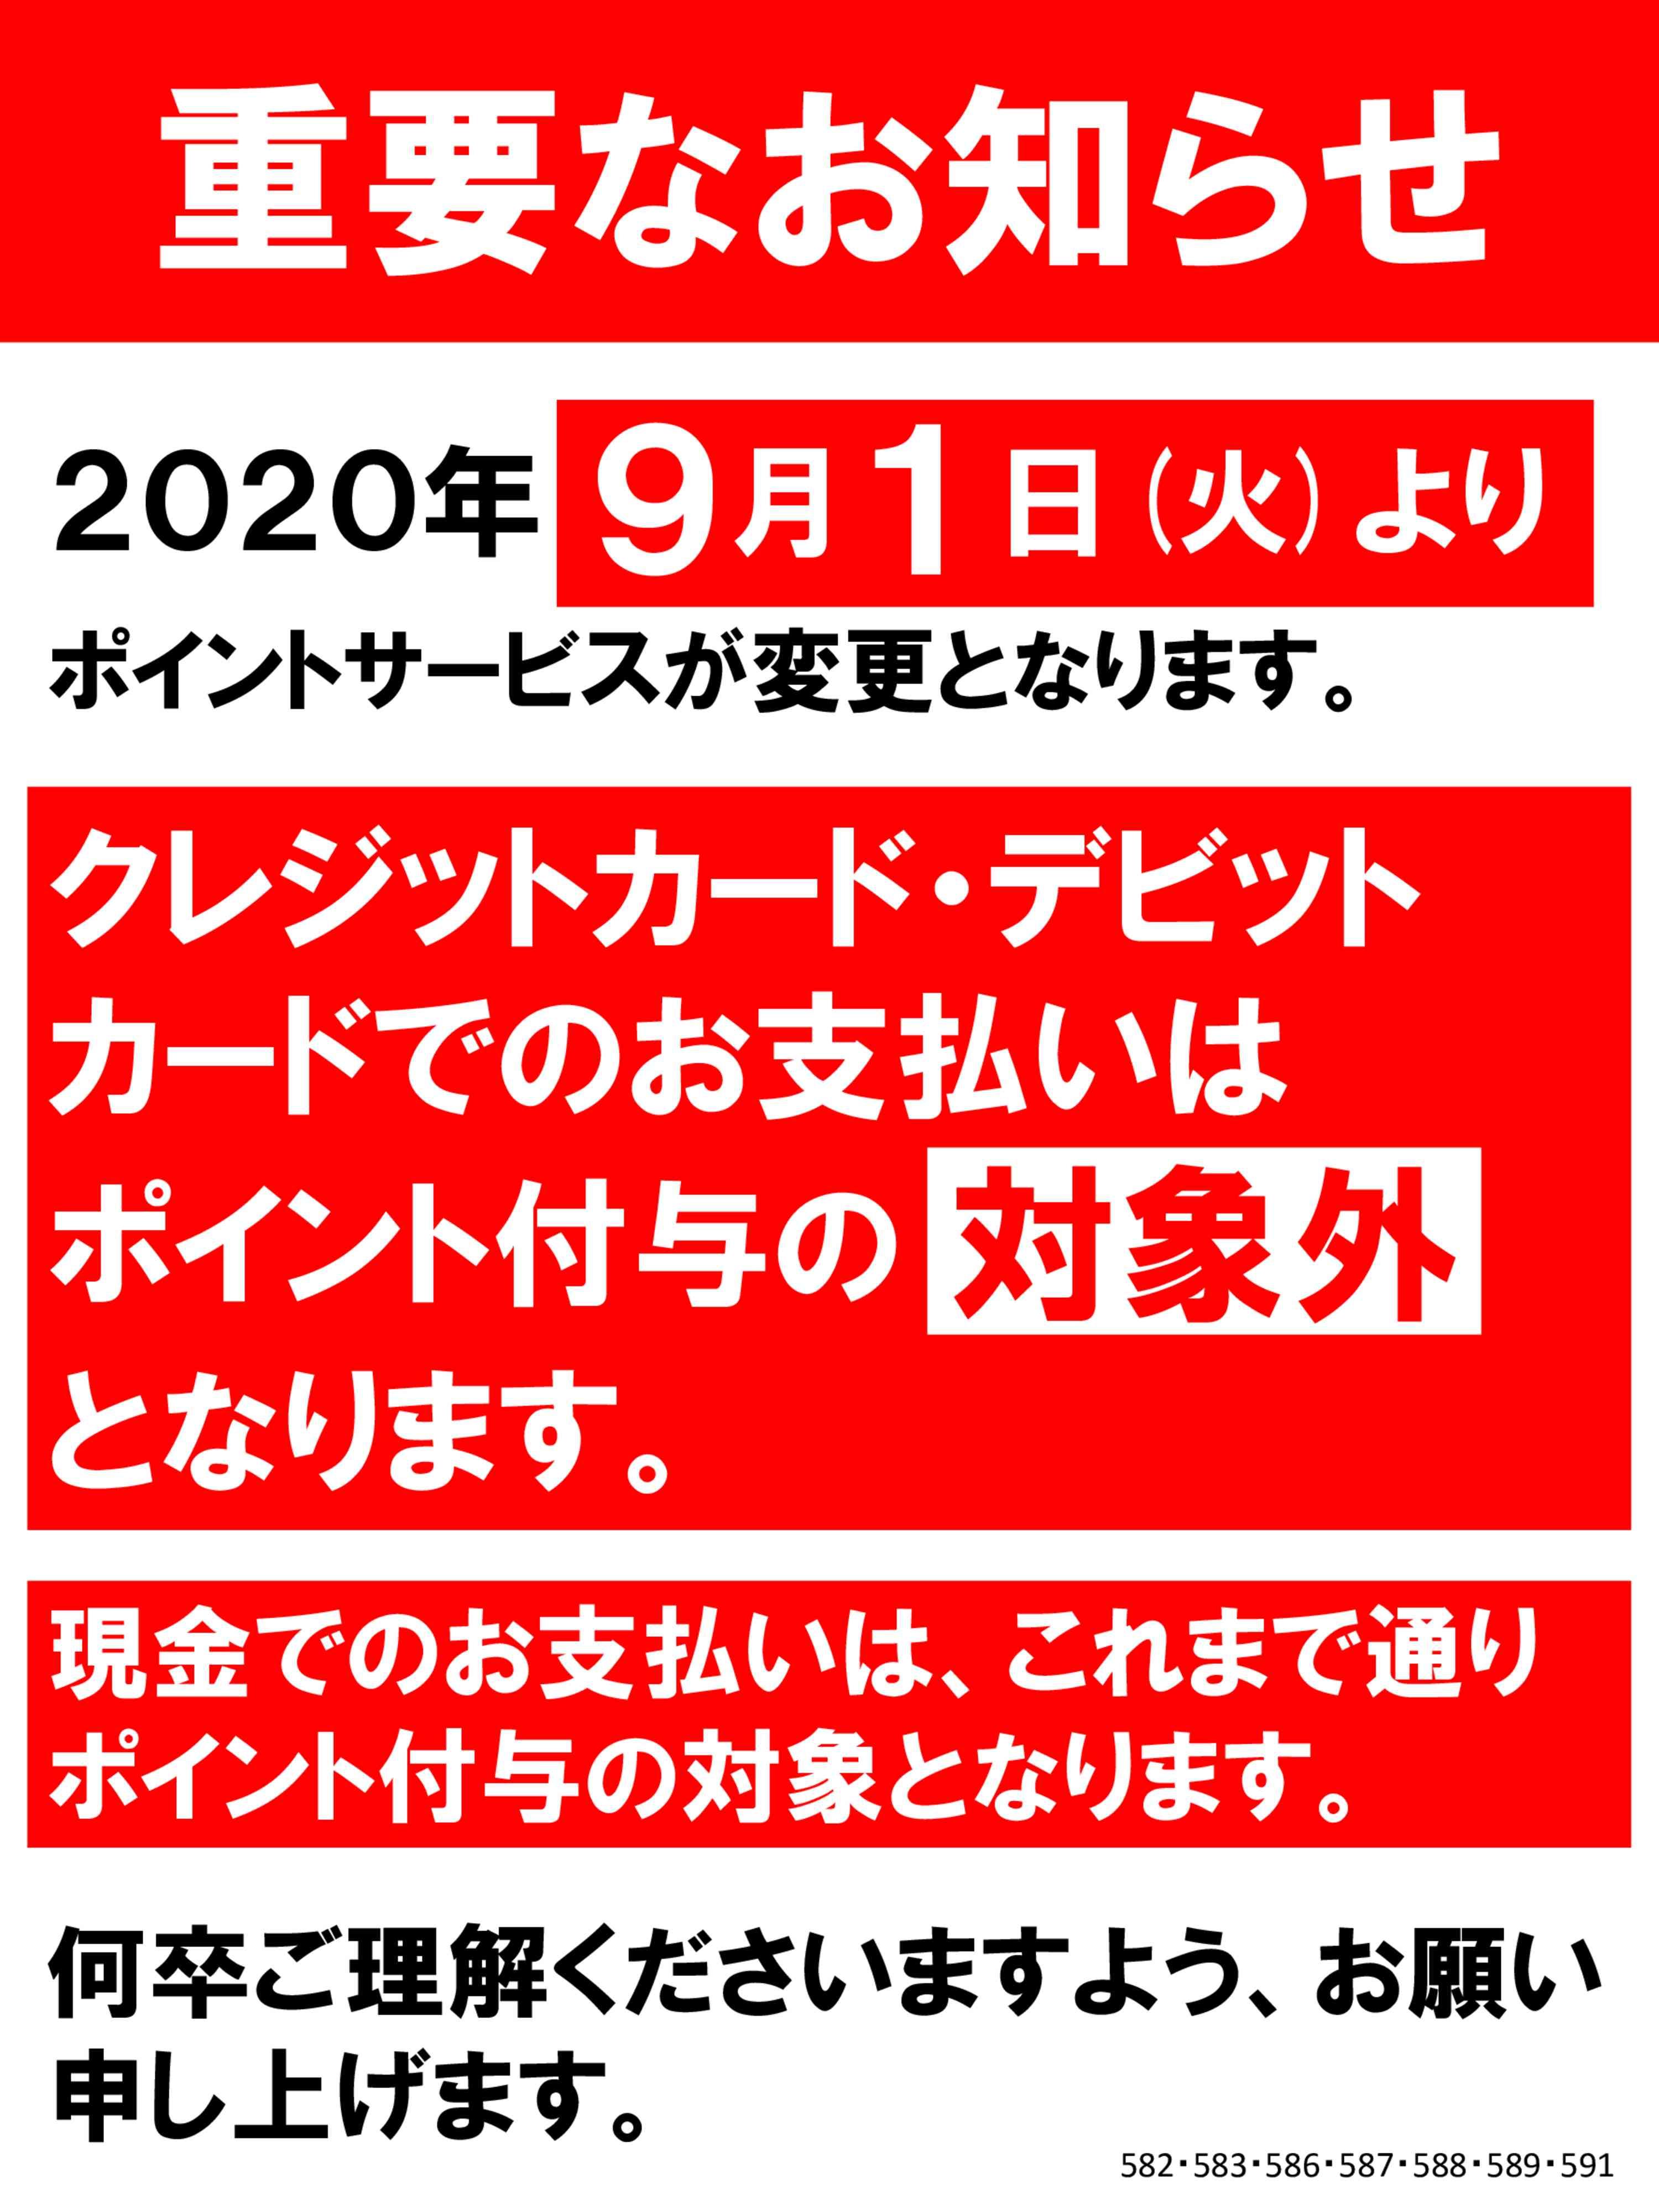 2020年8月1日〜9月28日までのチラシ